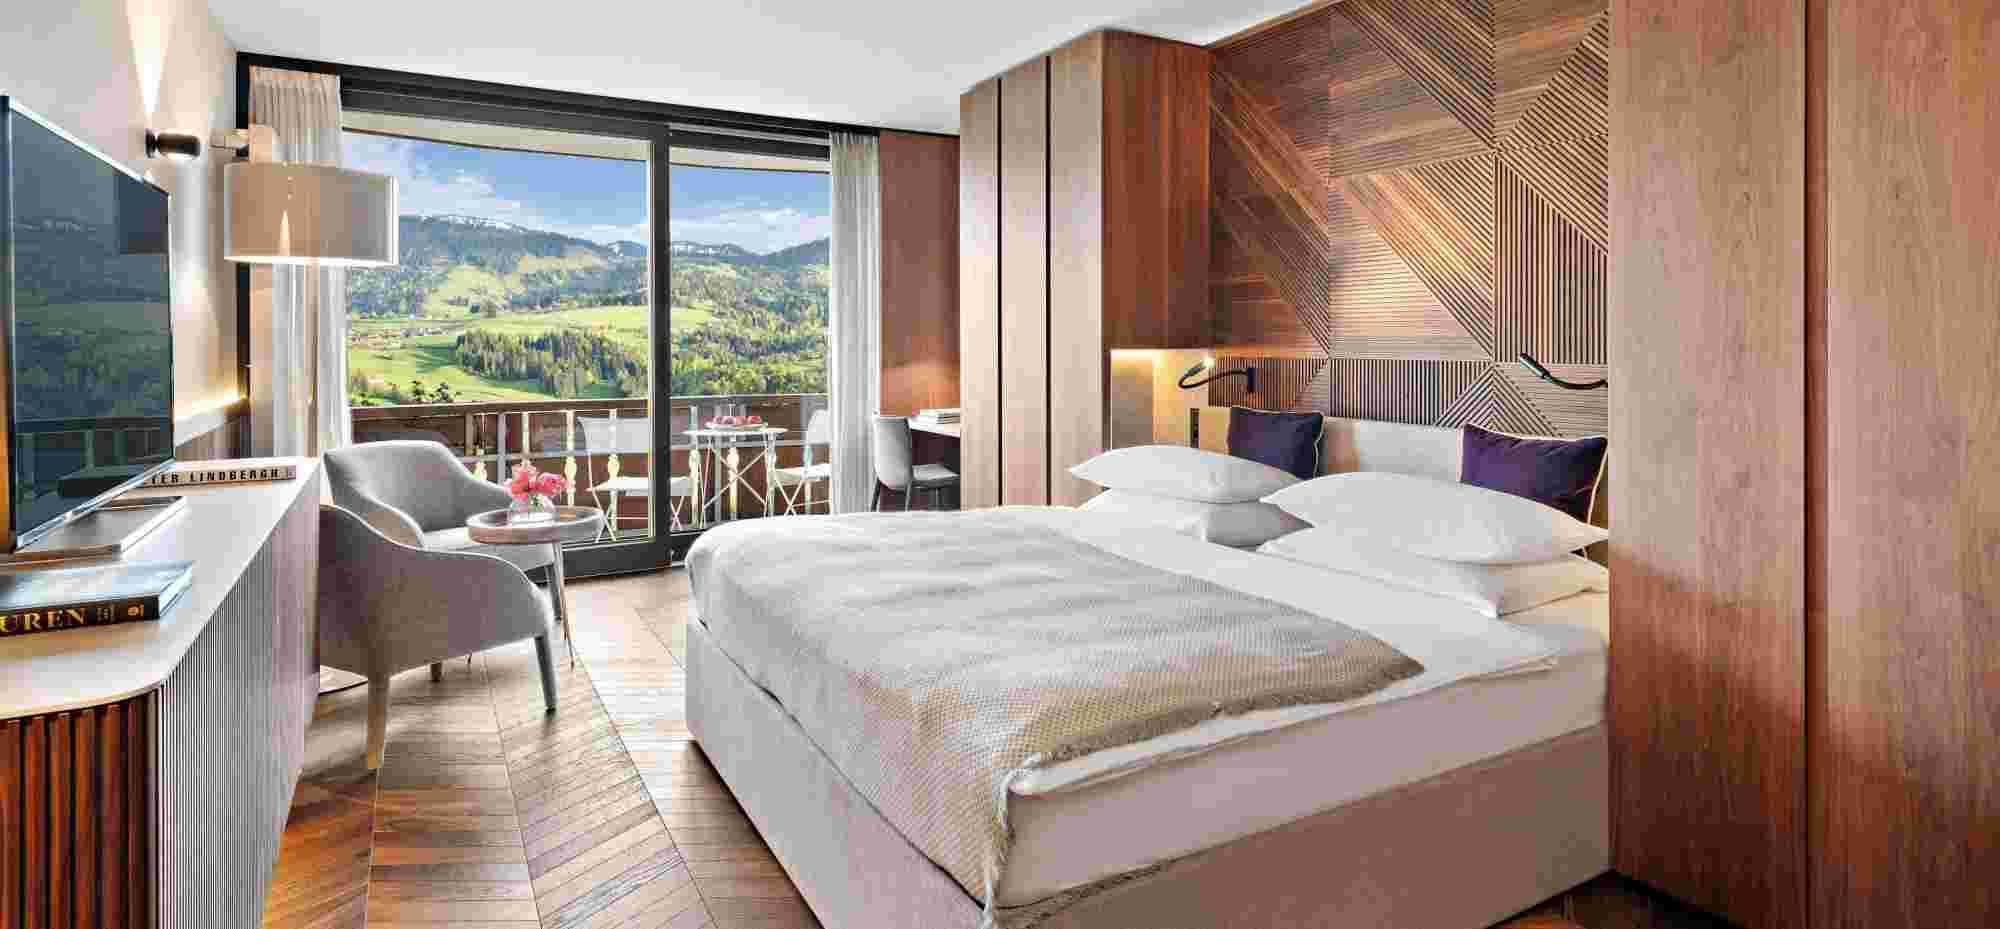 Superior Doppelzimmer mittelbraun mit Ausblick im 5 Sterne Hotel Allgäu Sonne